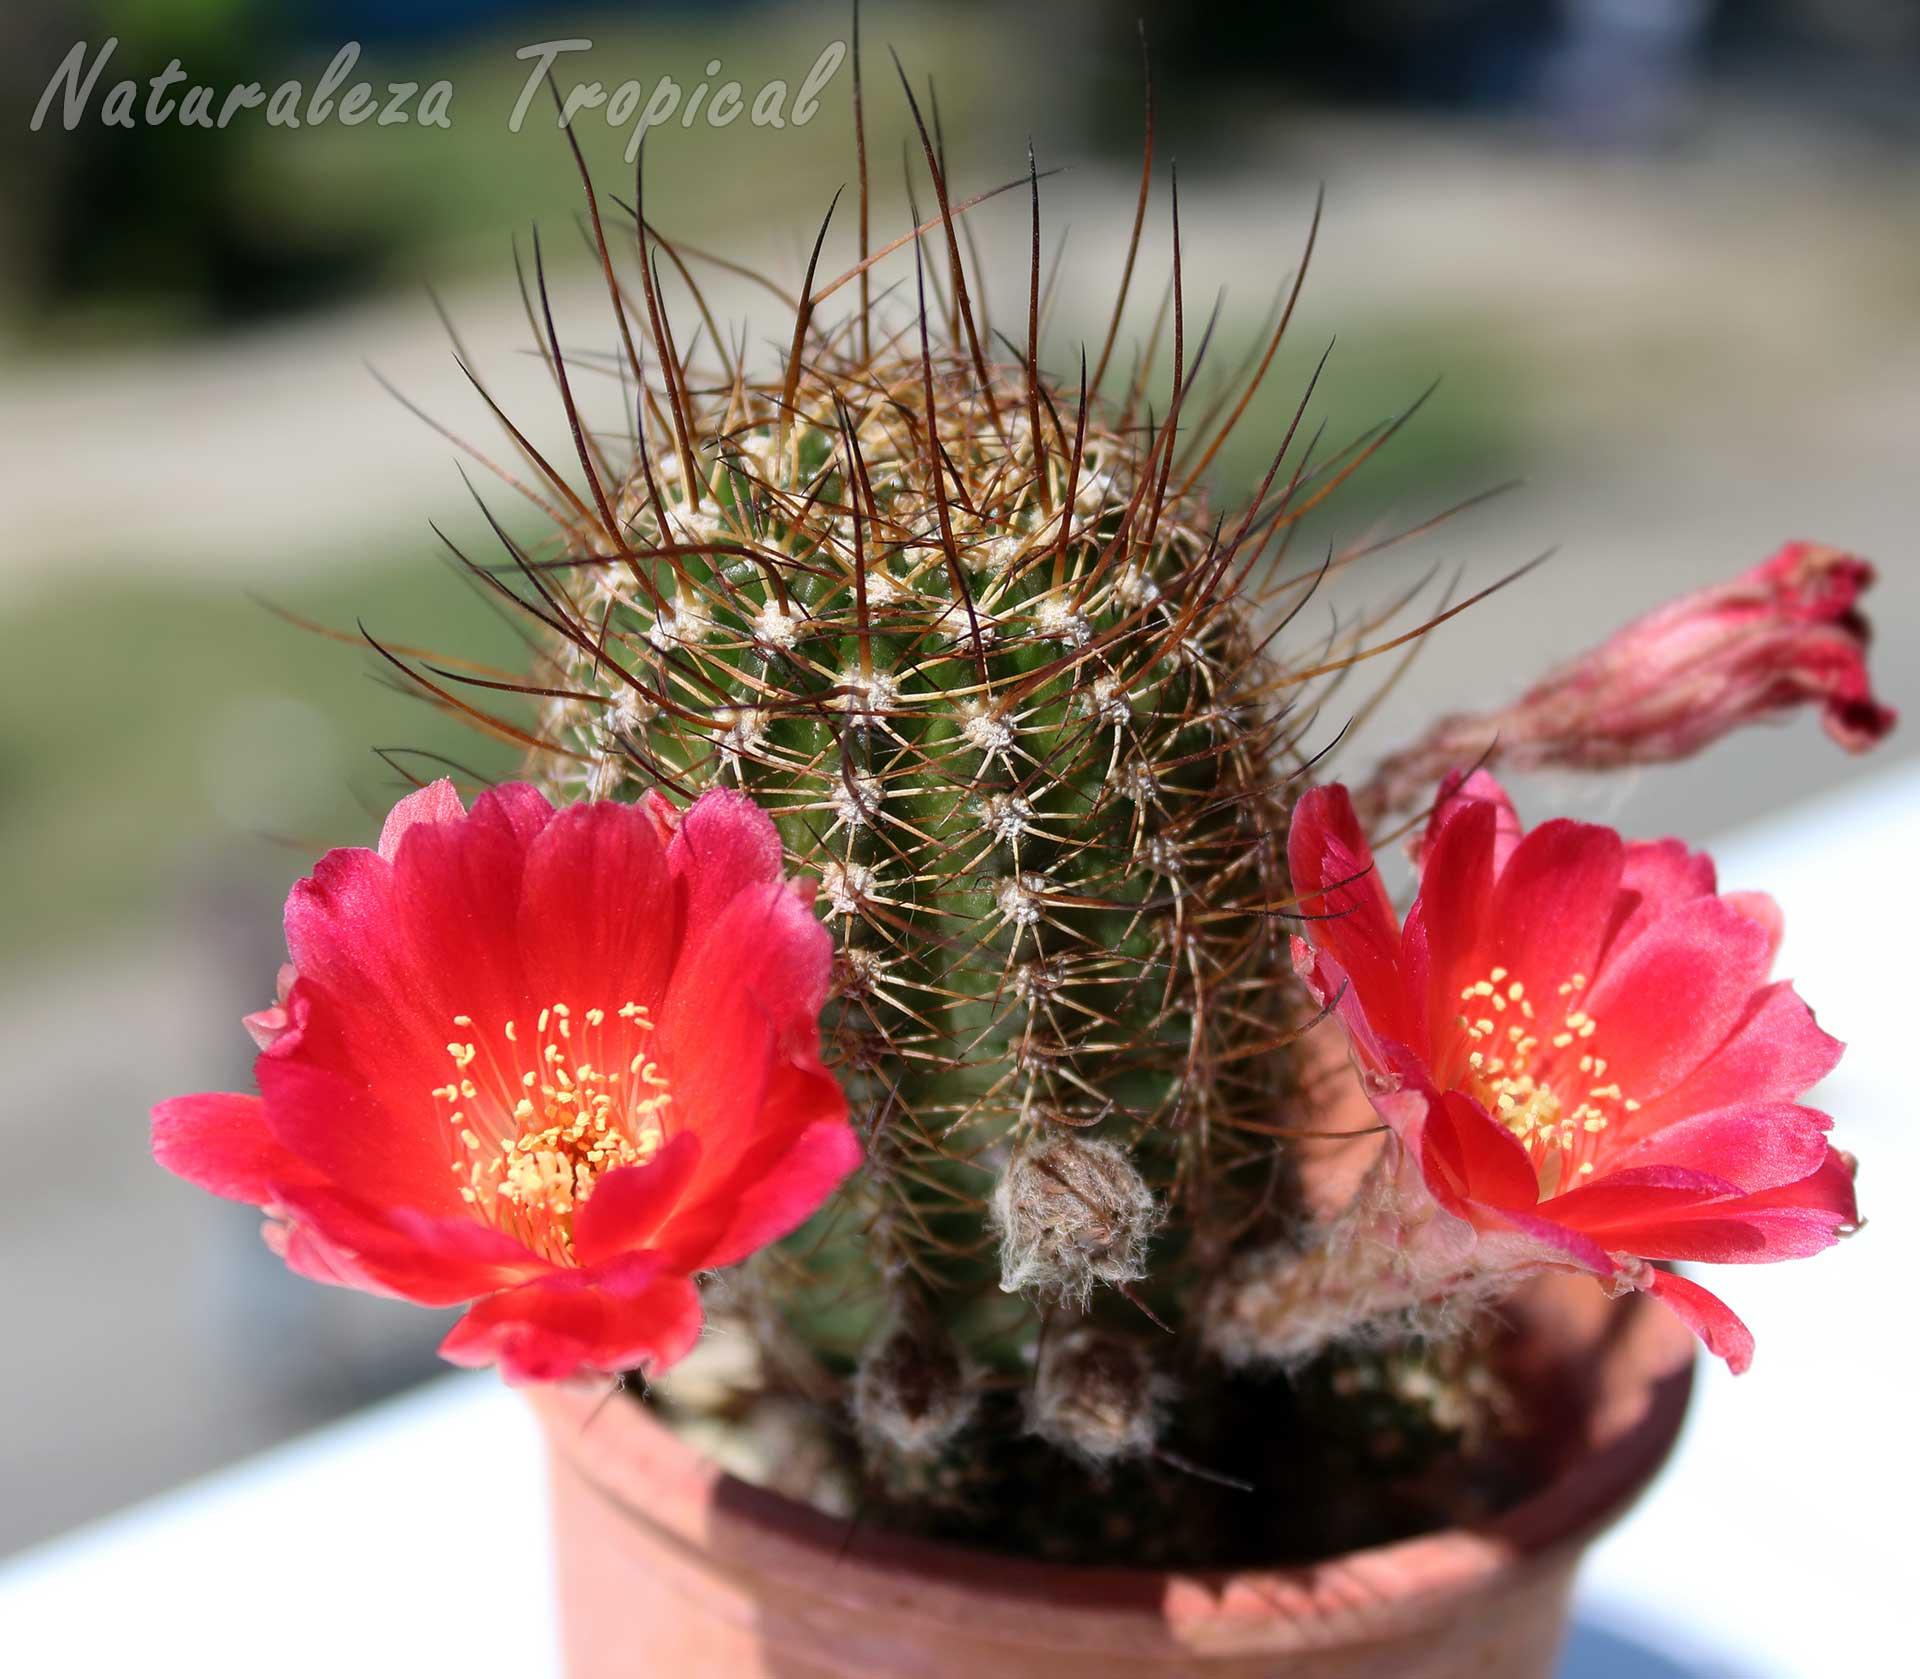 Fotografía de un hermoso cactus en floración